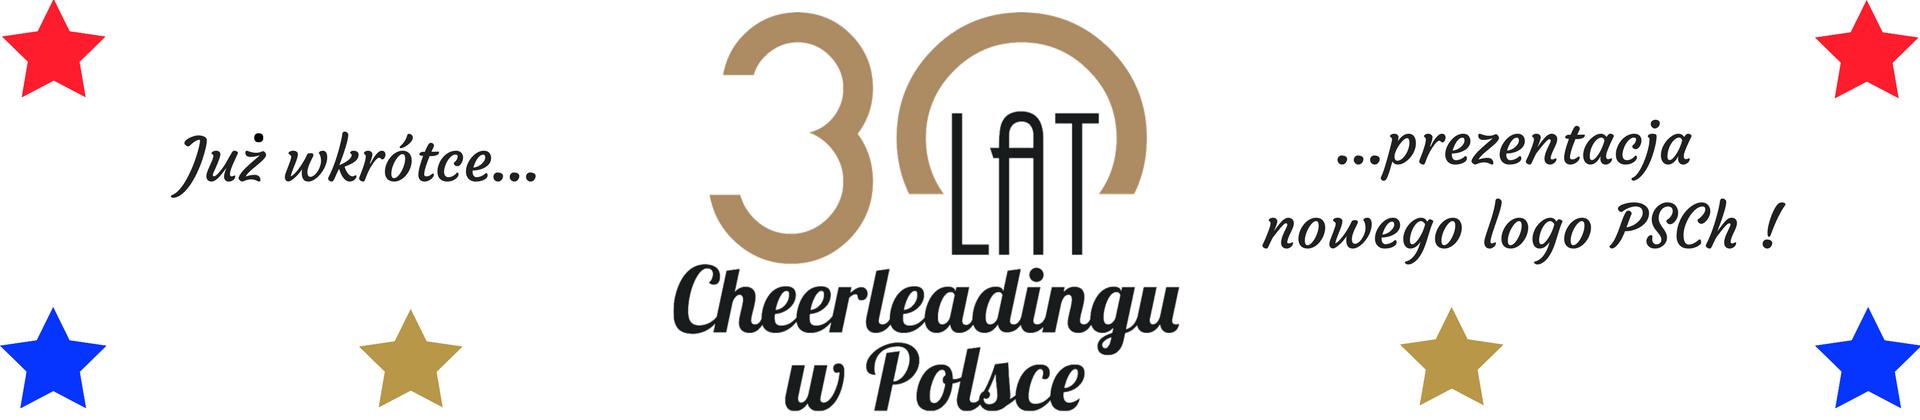 Wkrotce prezentacja nowego logo PSCh (3)